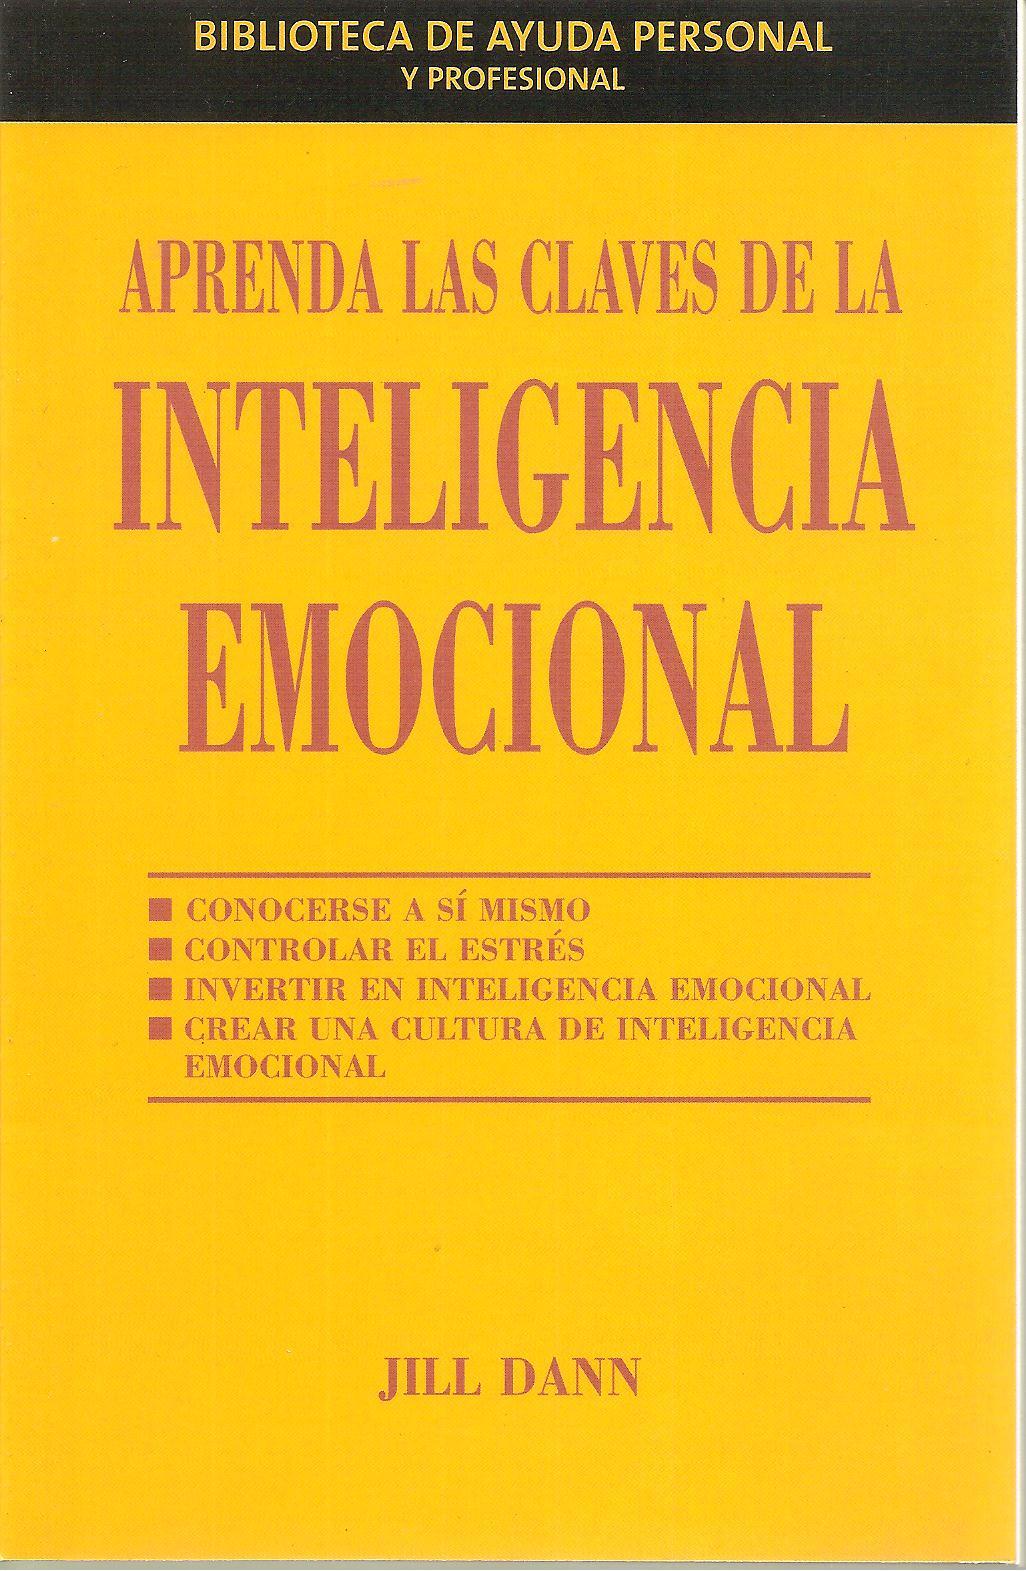 Aprenda las claves de la inteligencia emocional